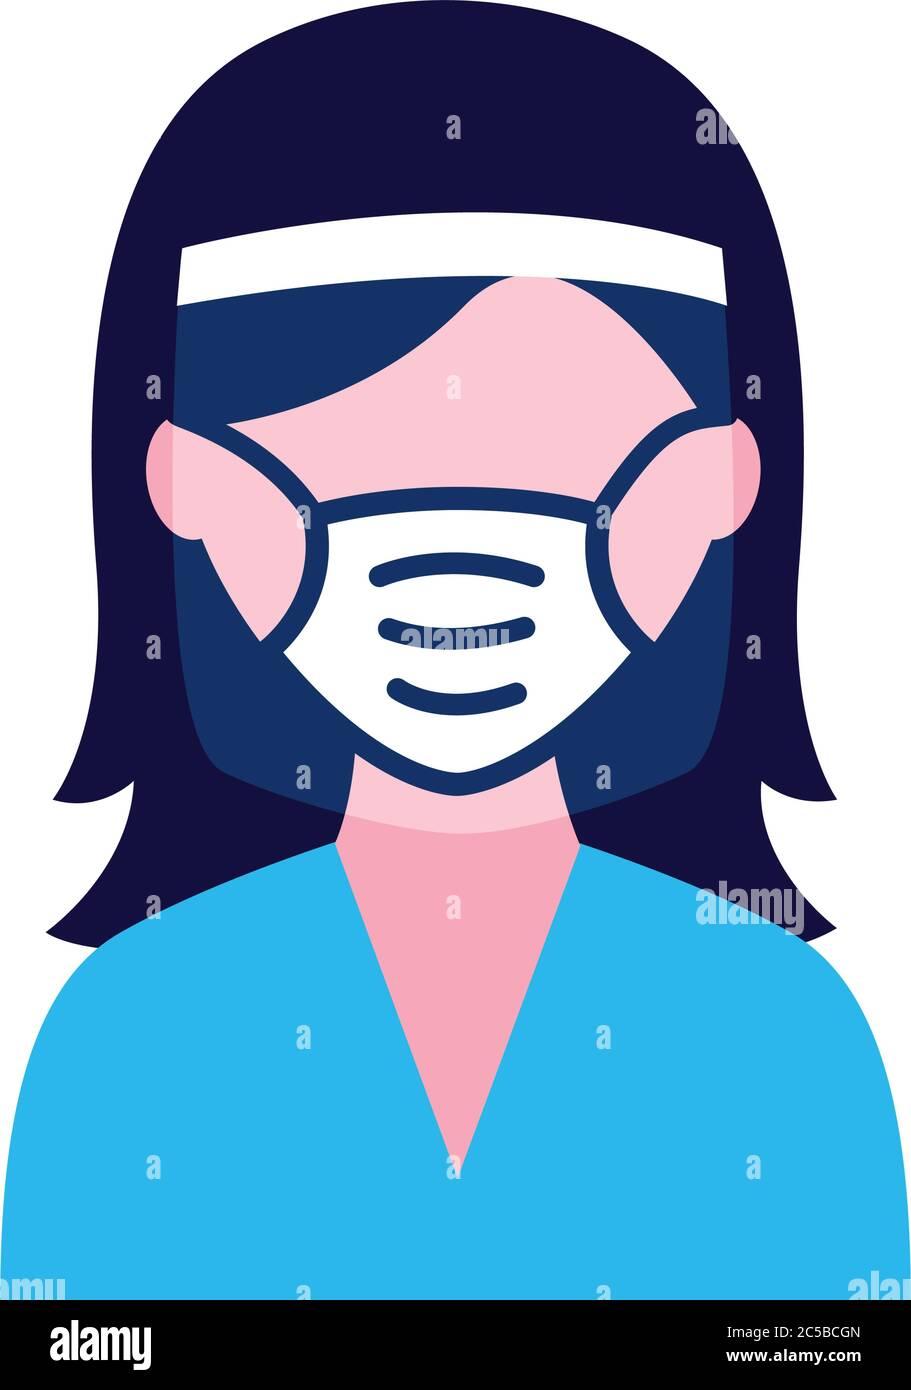 femme portant un masque médical et un masque facial plat icône vecteur illustration design Illustration de Vecteur